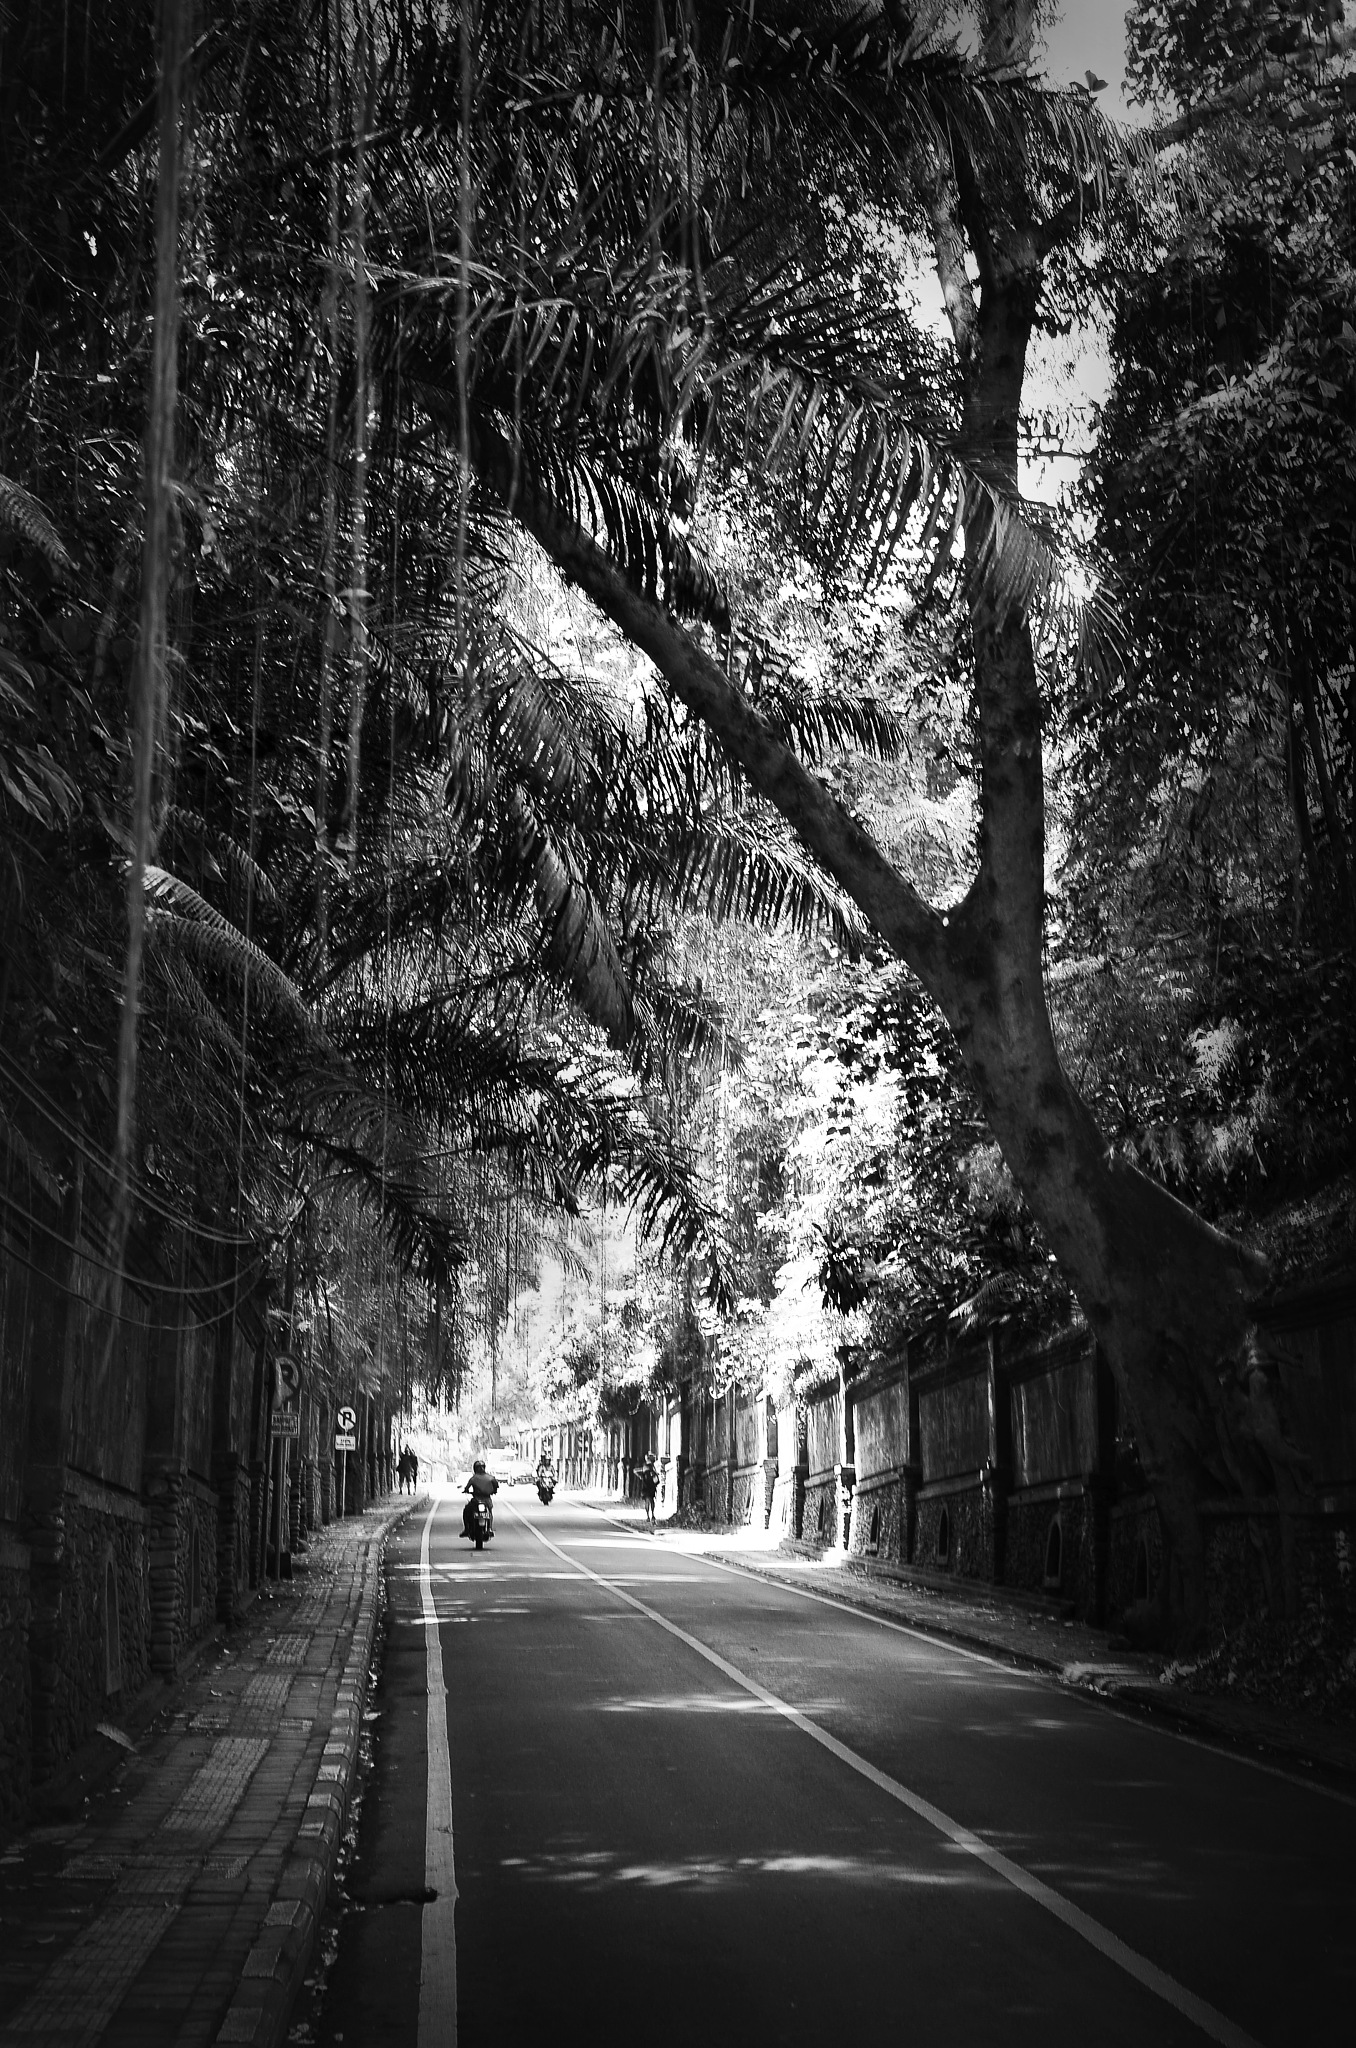 Jungle street in Bali by Bram Busink